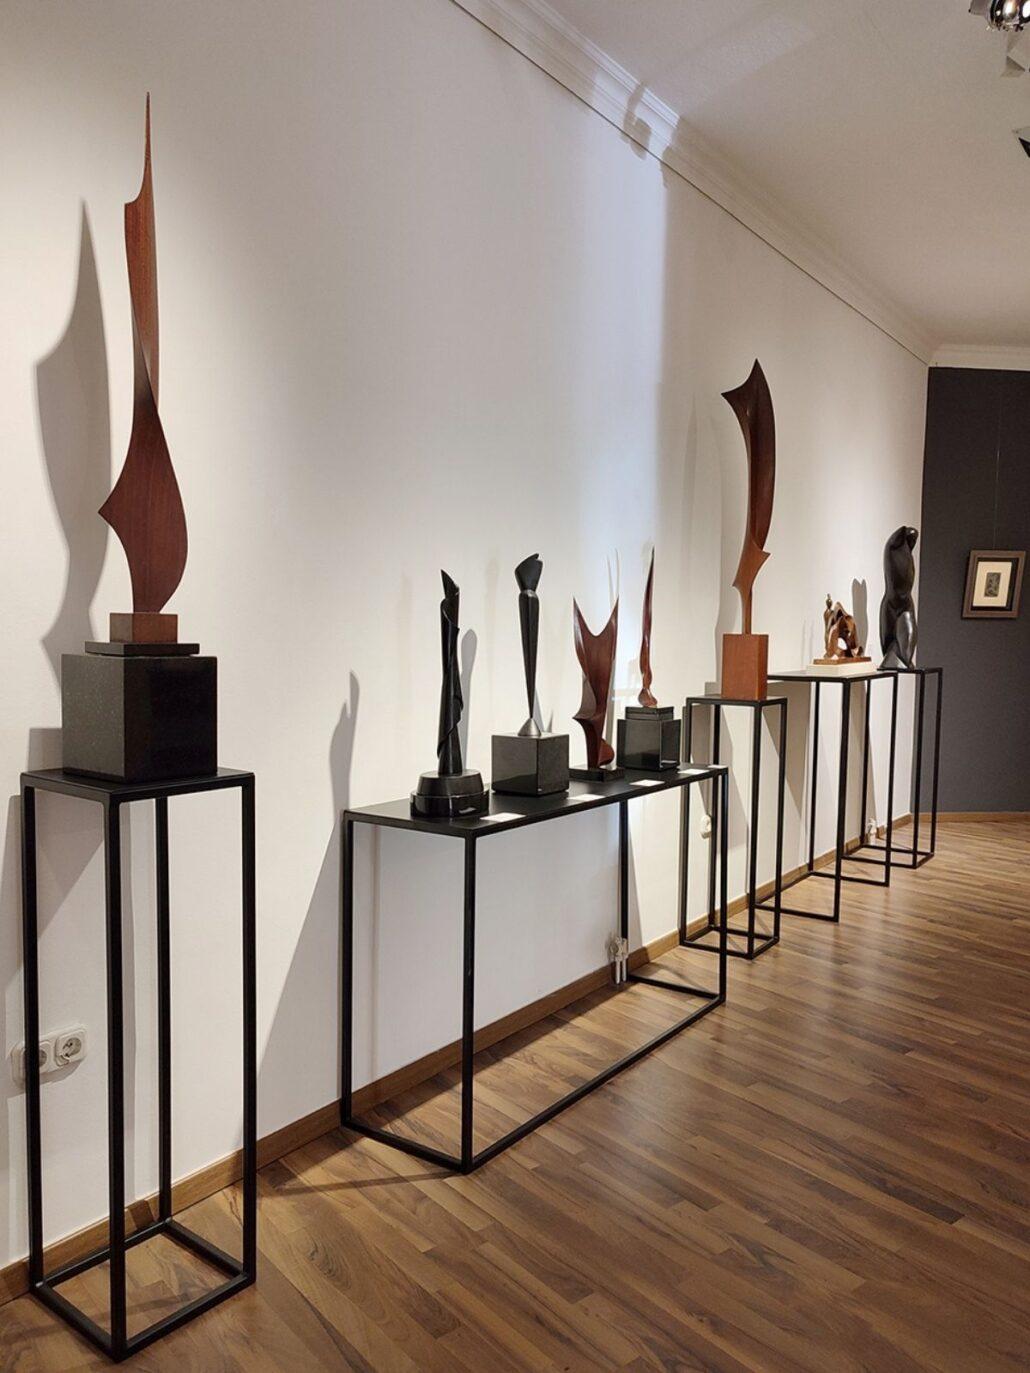 szoborkiallitas 1 Szoborkiállítás: A nagysikerű Magyar-Párizs kiállítás sorozat keretén belül jelenleg a szobrászművészek alkotásait mutatjuk be.